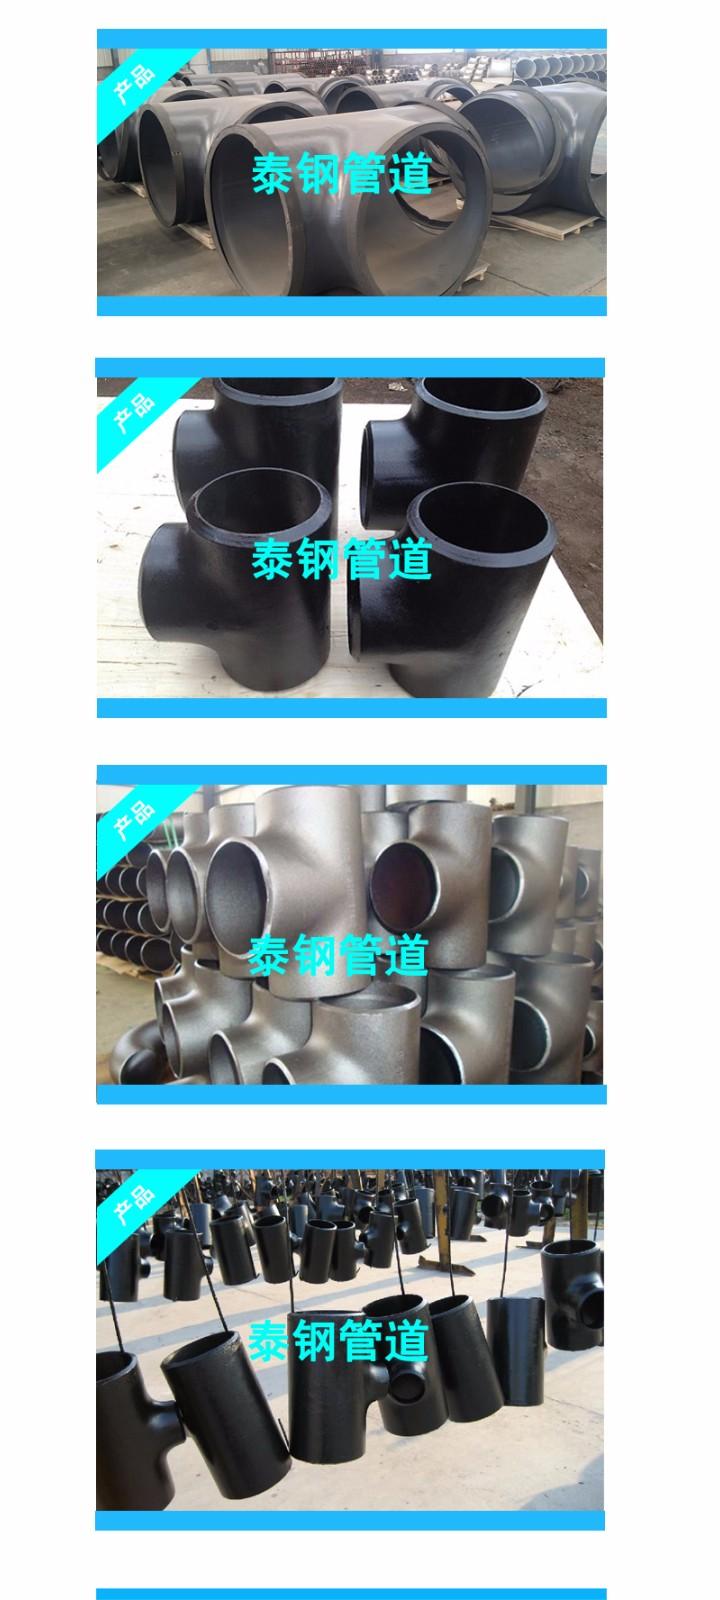 外貿管件出口詳情|行業資訊-滄州泰鋼管道有限公司.